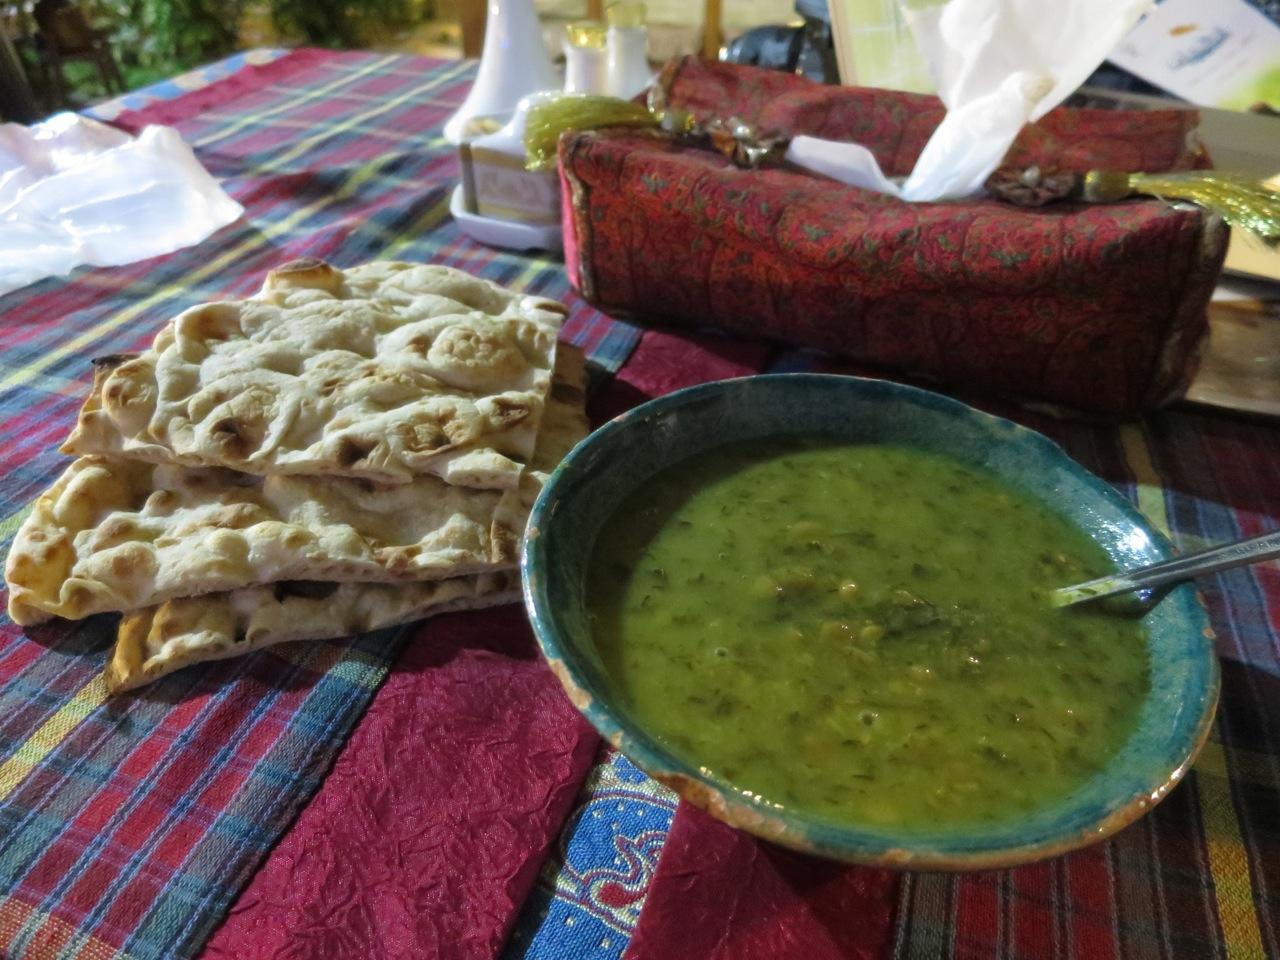 Comendo 1-12 sopa e pao no iran